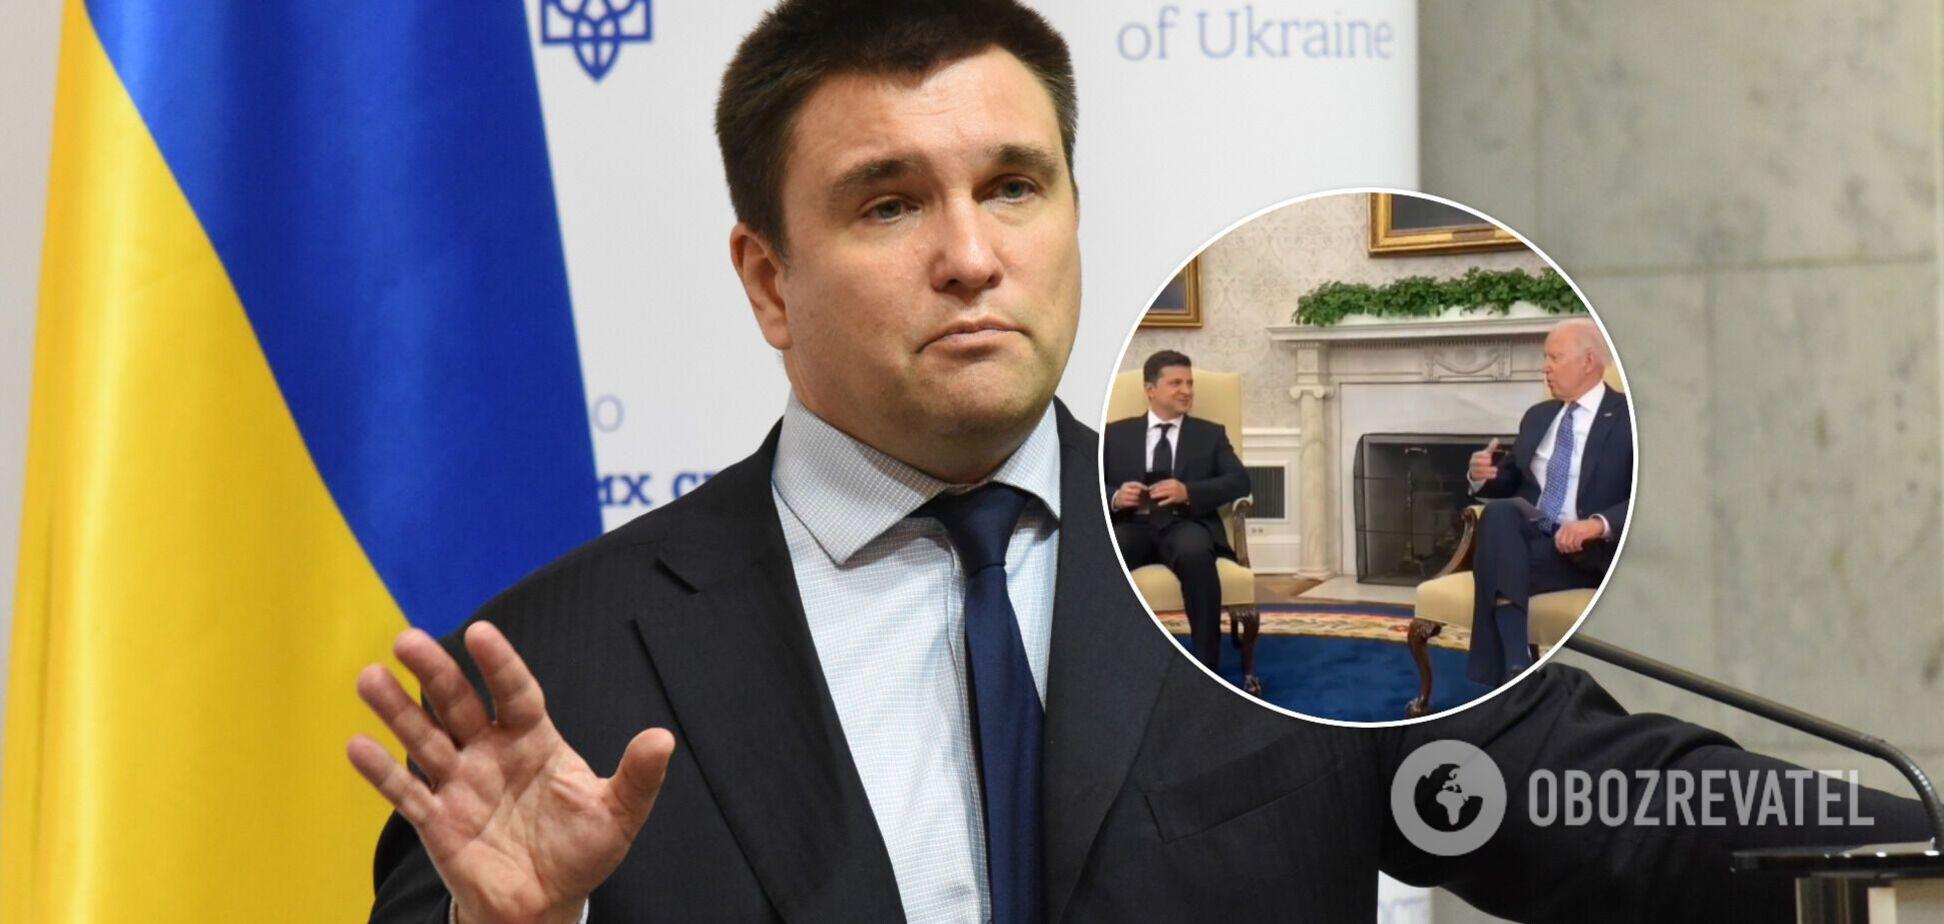 Клімкін назвав 'рецепт' для України: не треба сподіватися на дядька Джо